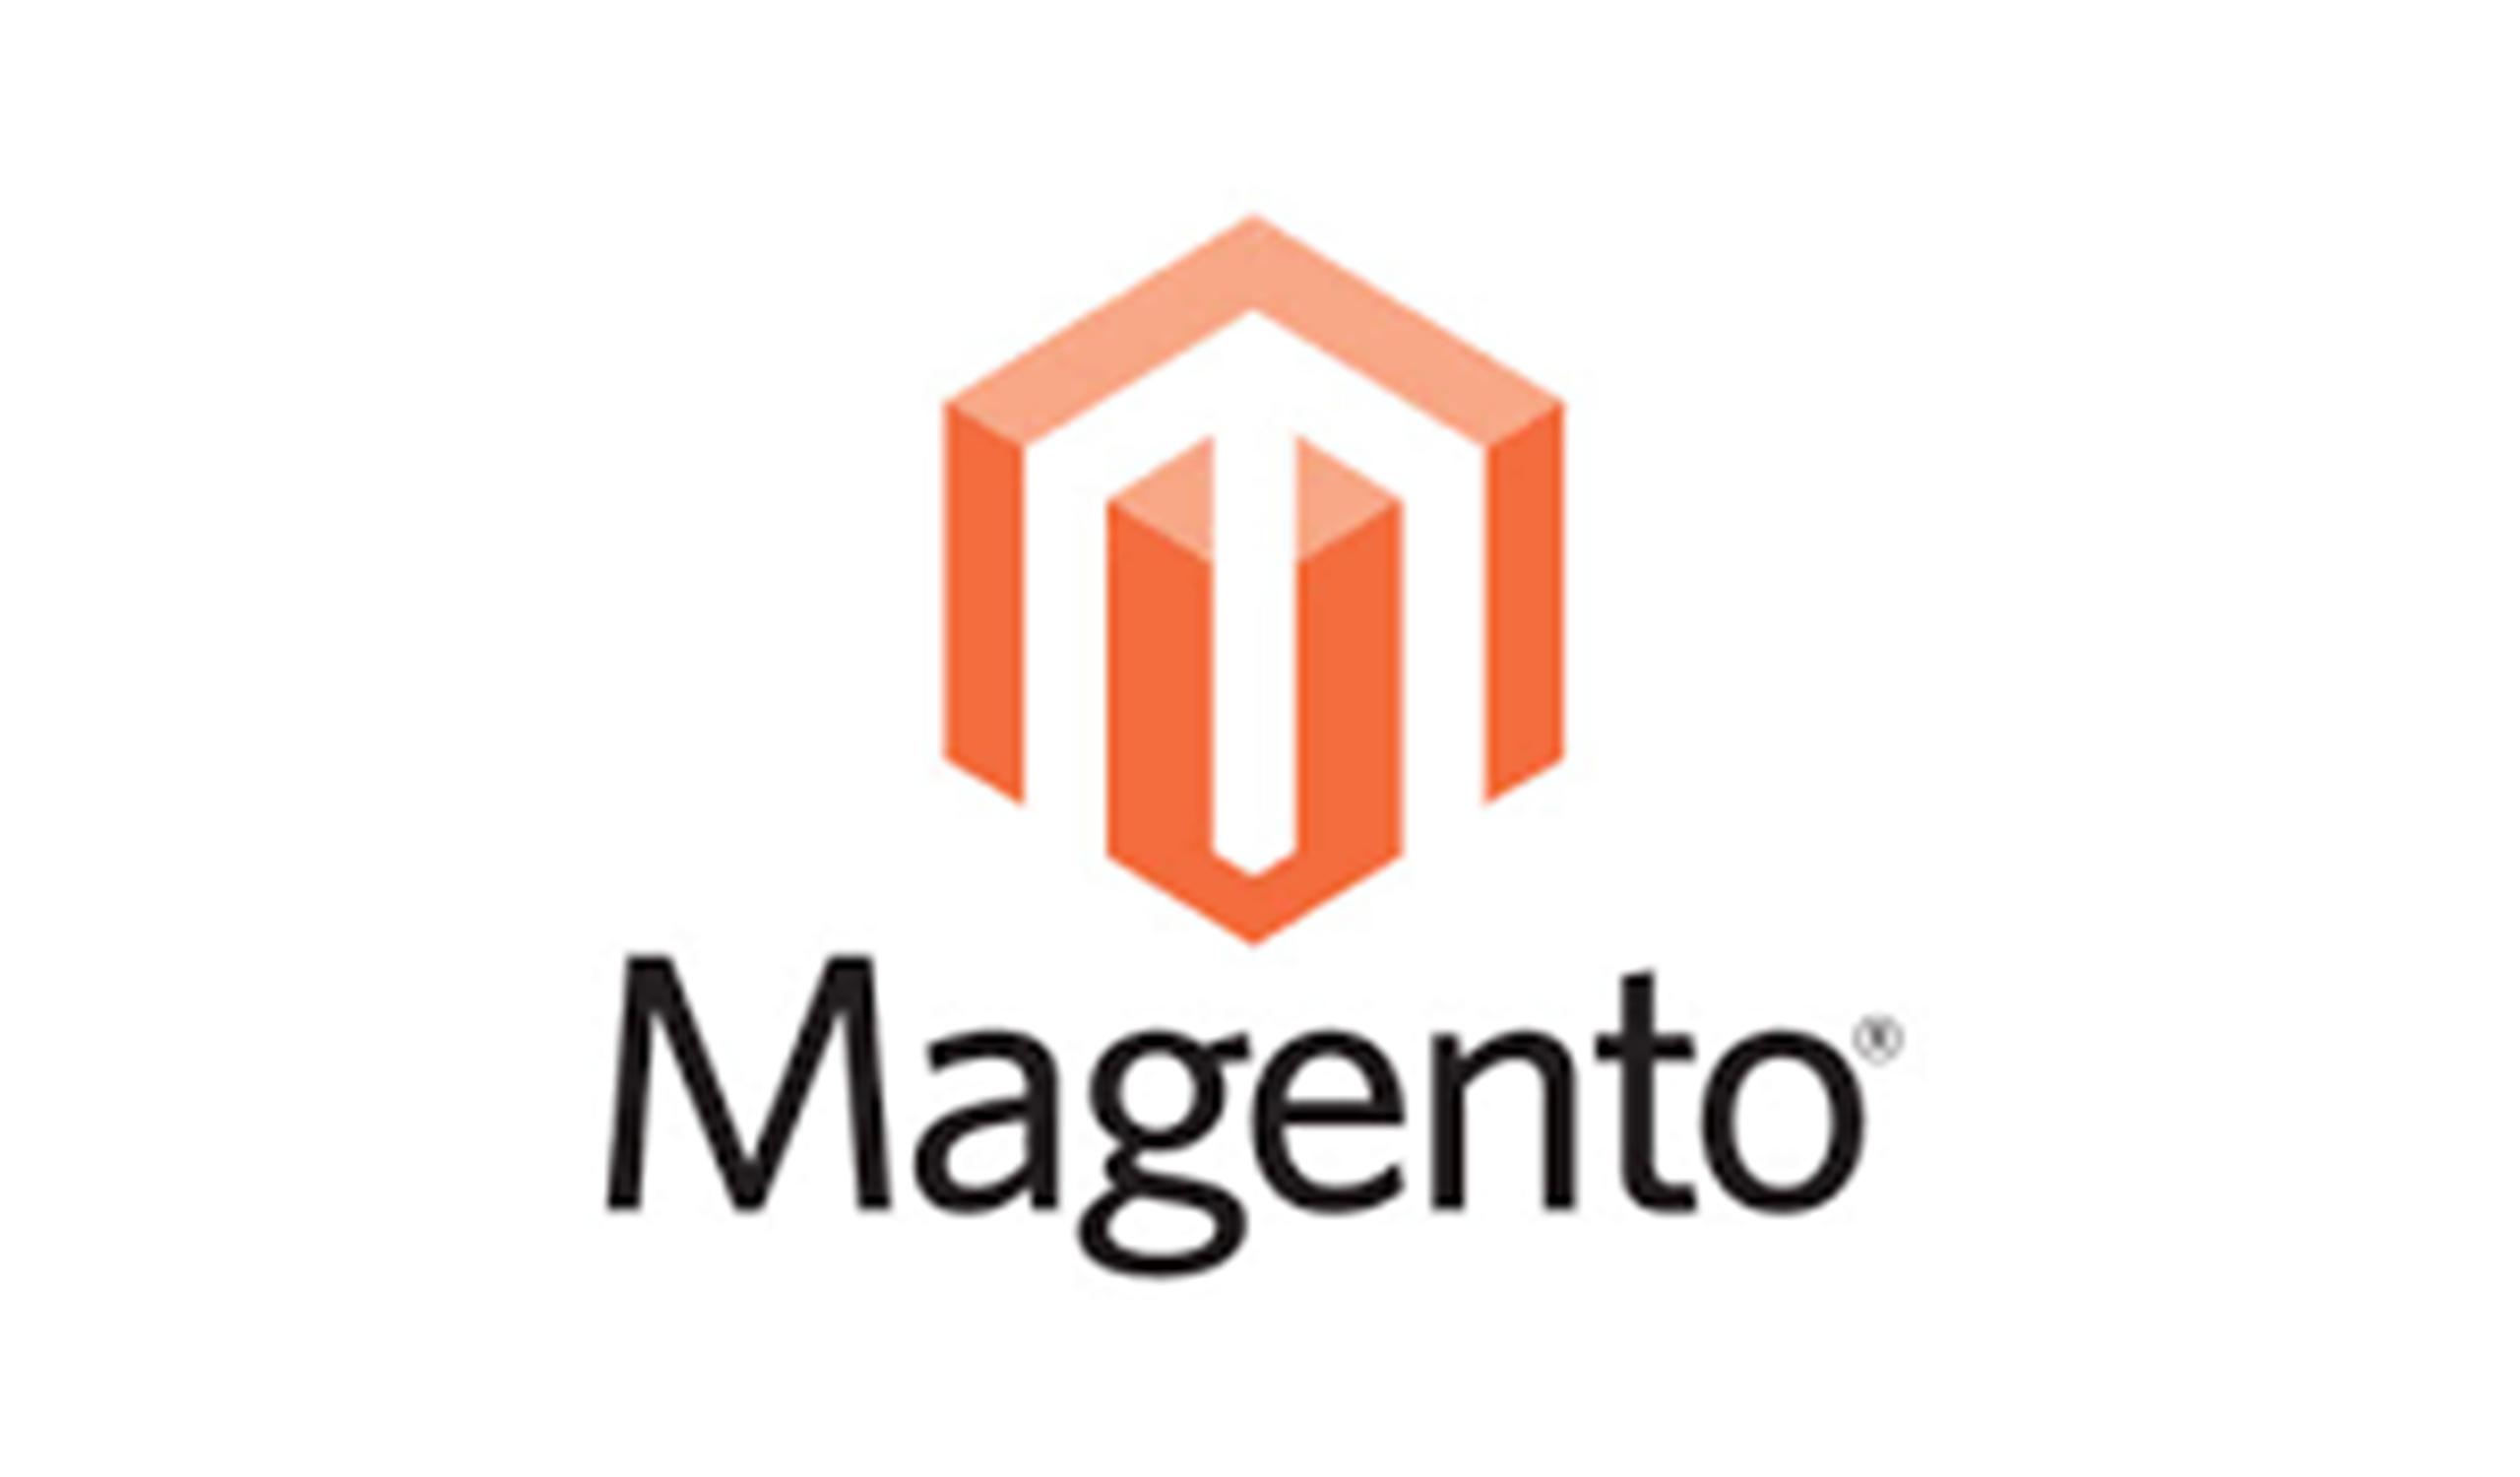 cuckhoo-web-design-digital-marketing-industry-skills-magento